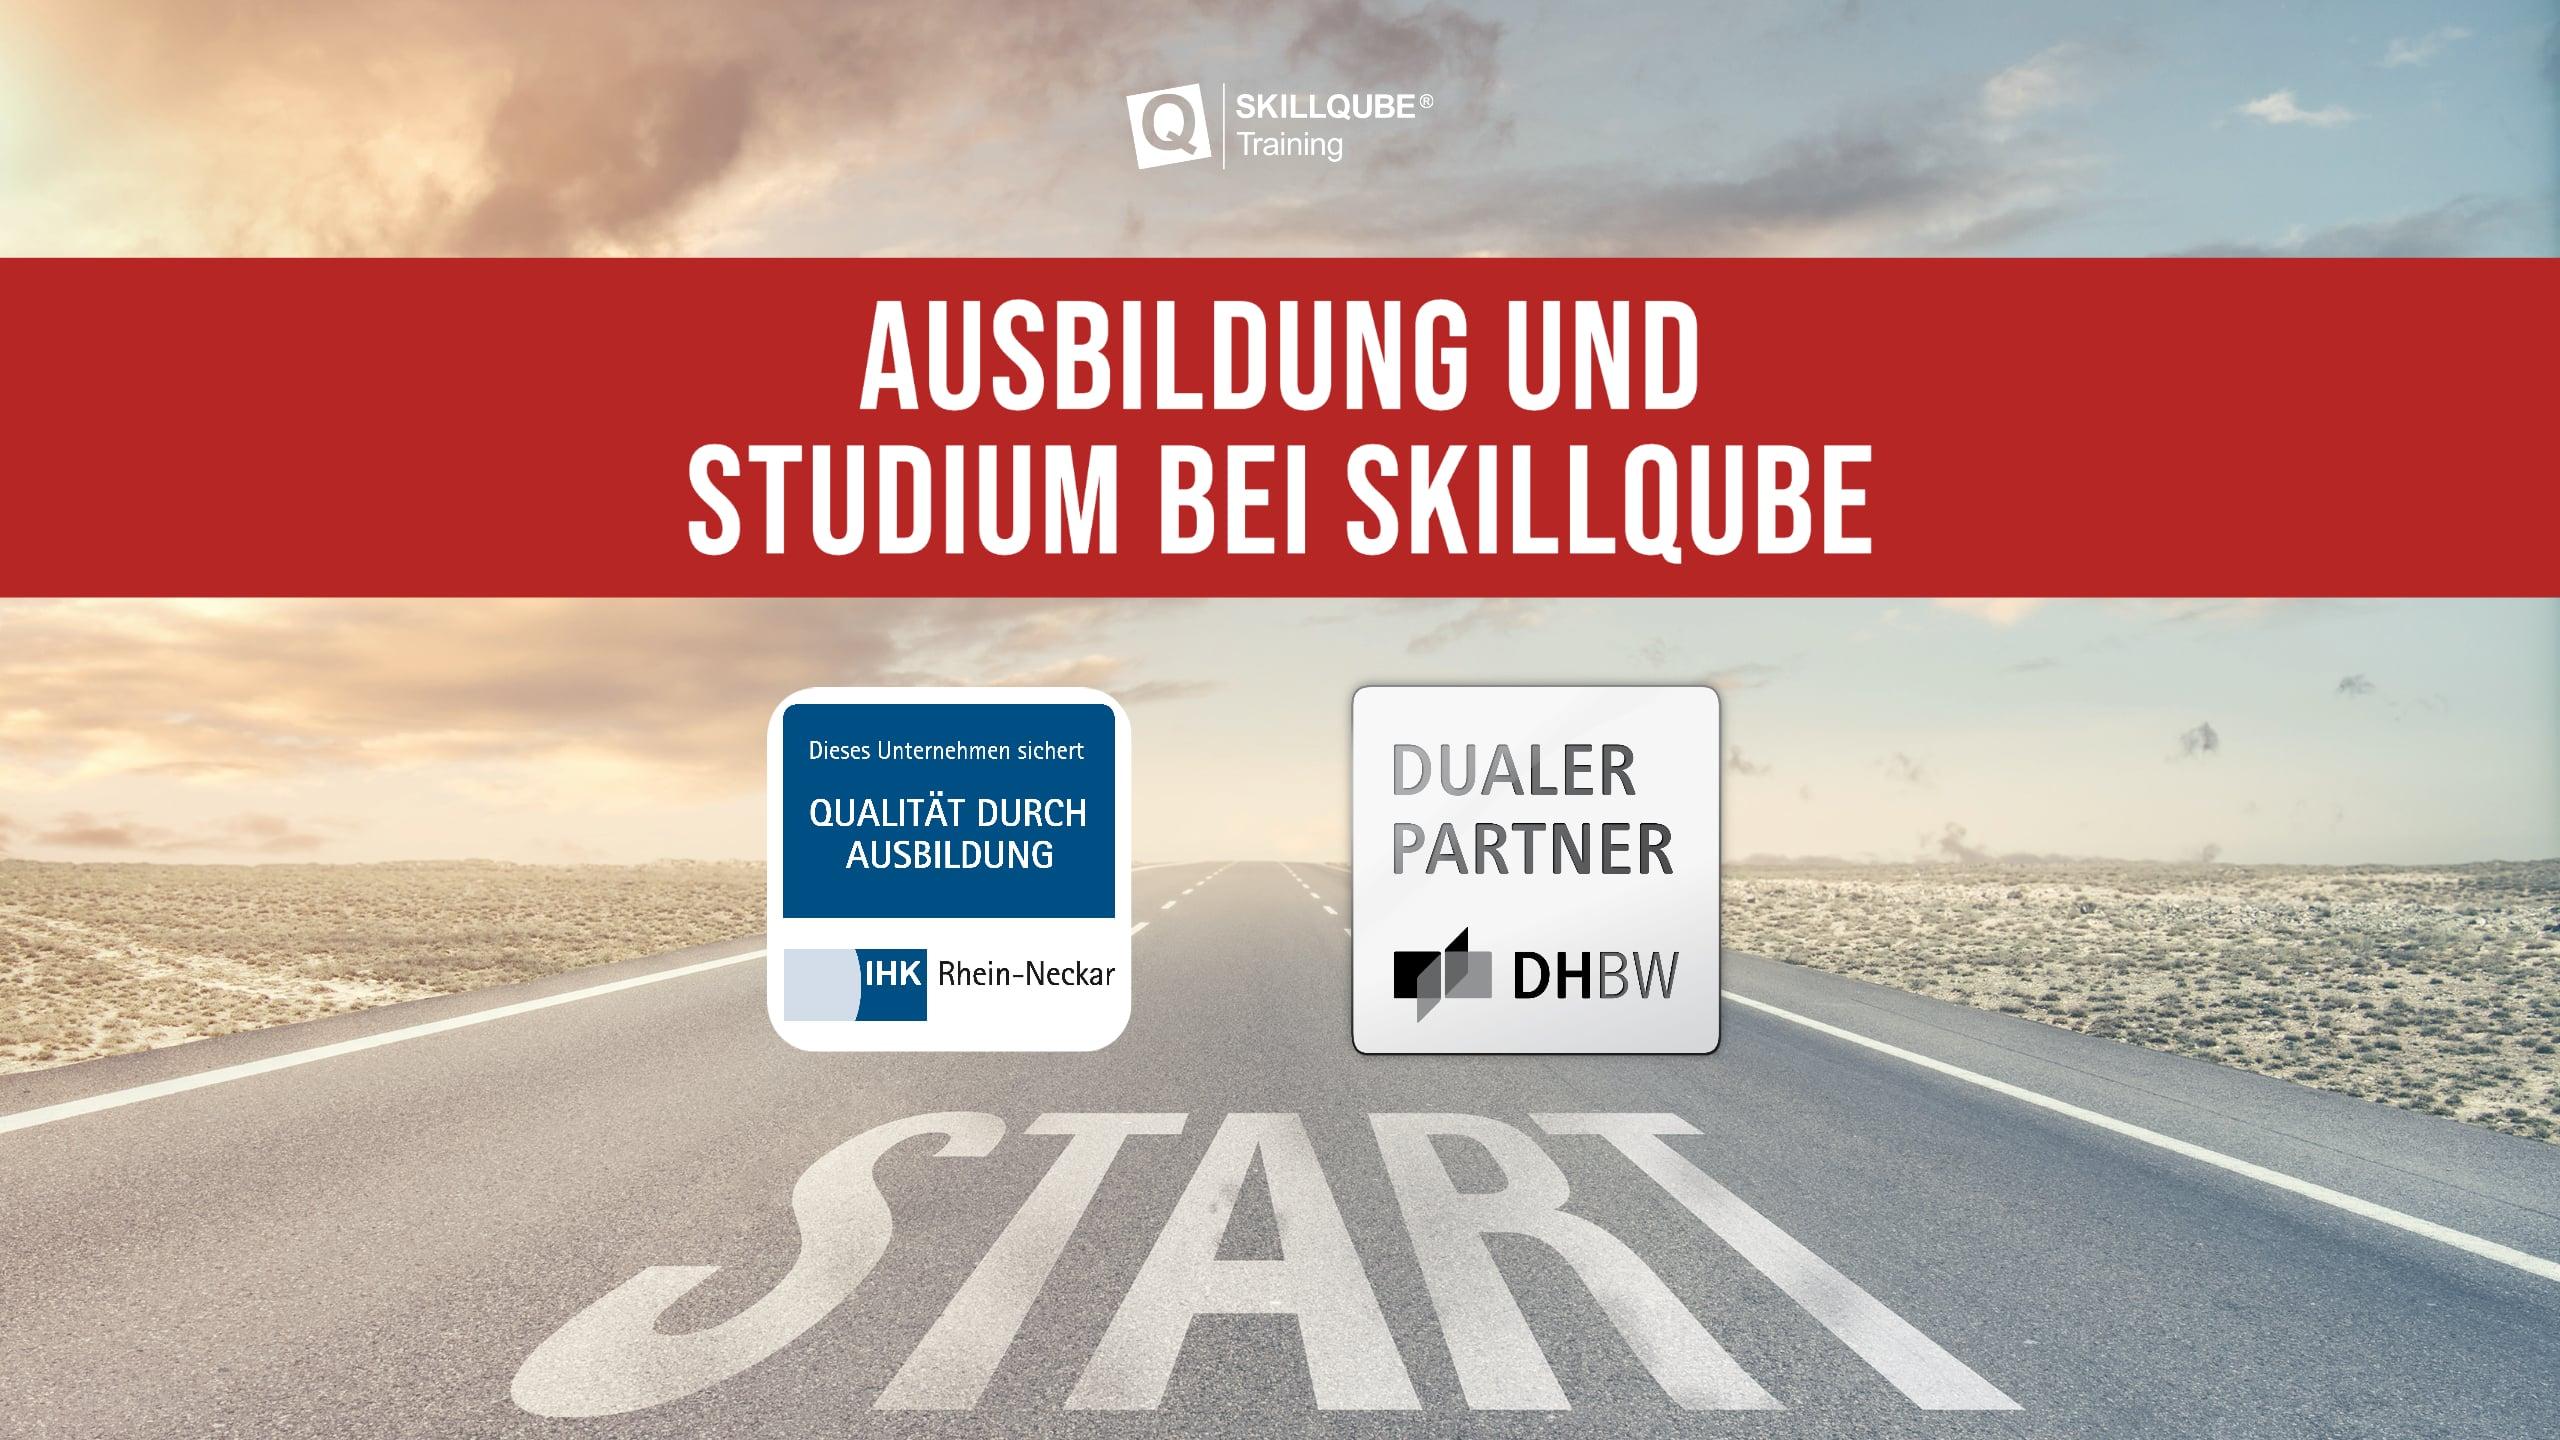 Ausbildung und Studium bei SKILLQUBE